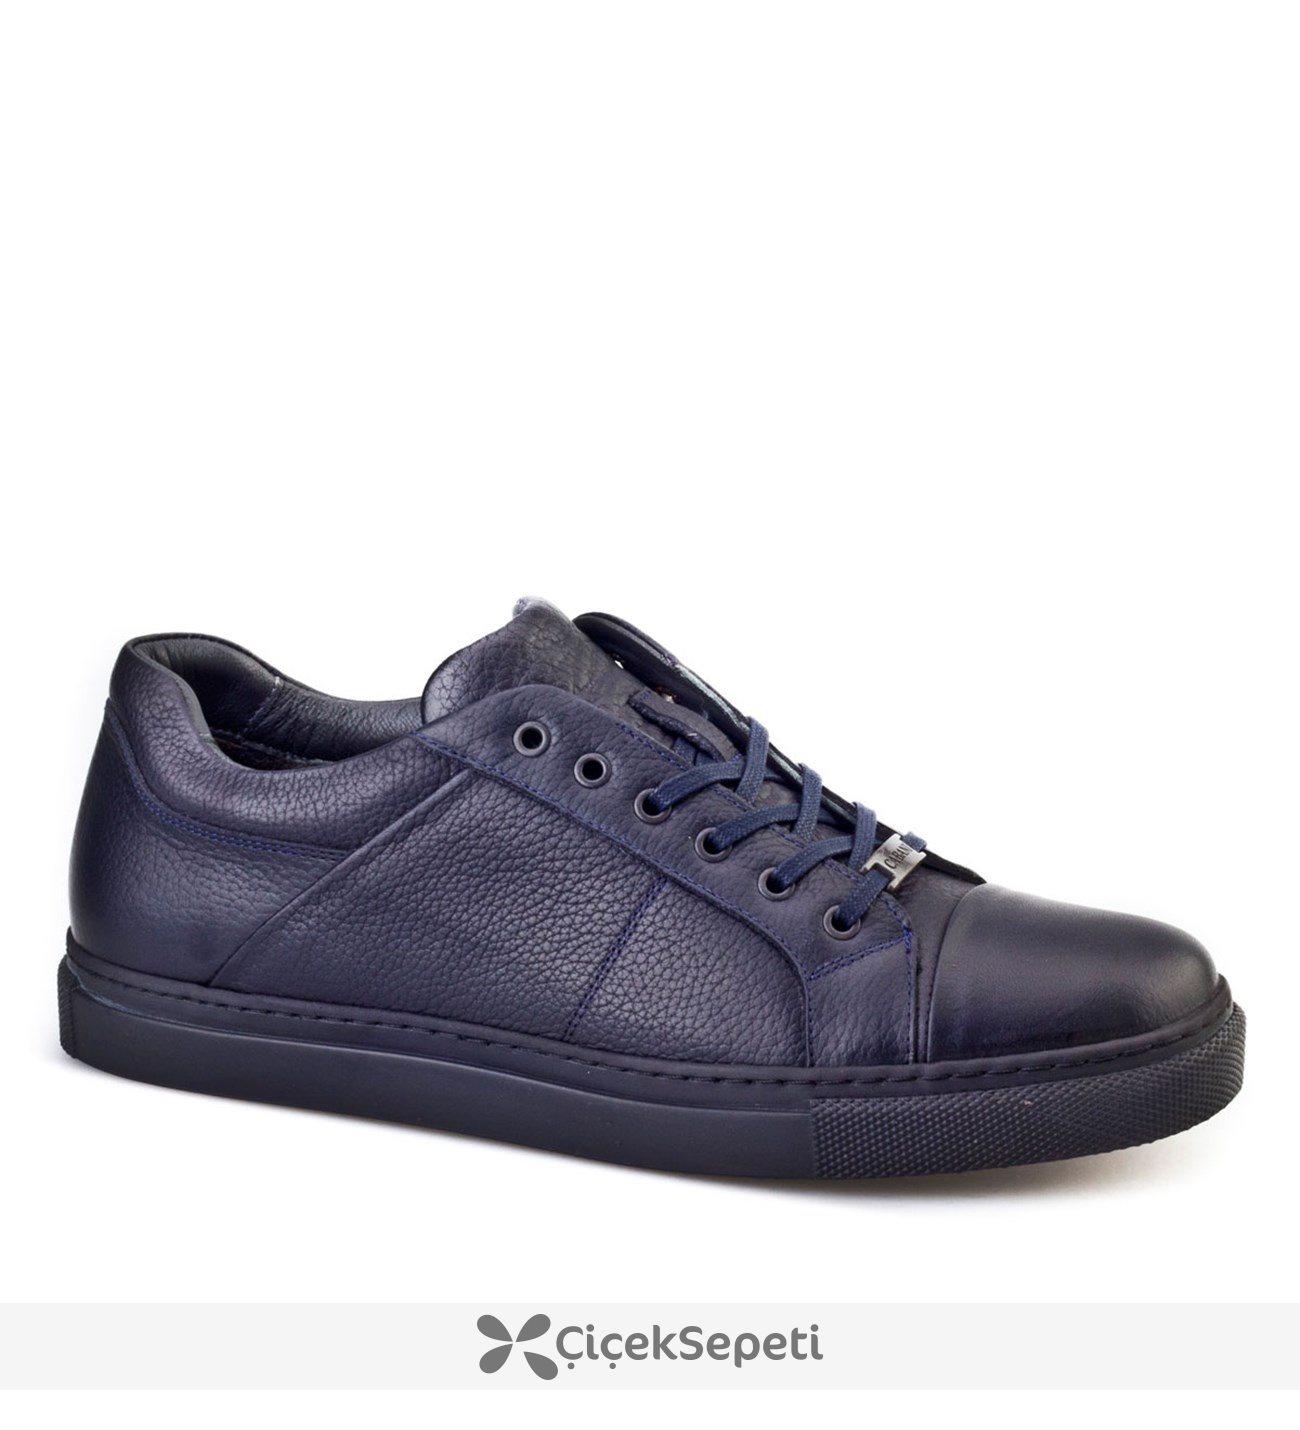 Cabani Erkek Sneakers Günlük Erkek Ayakkabı Lacivert